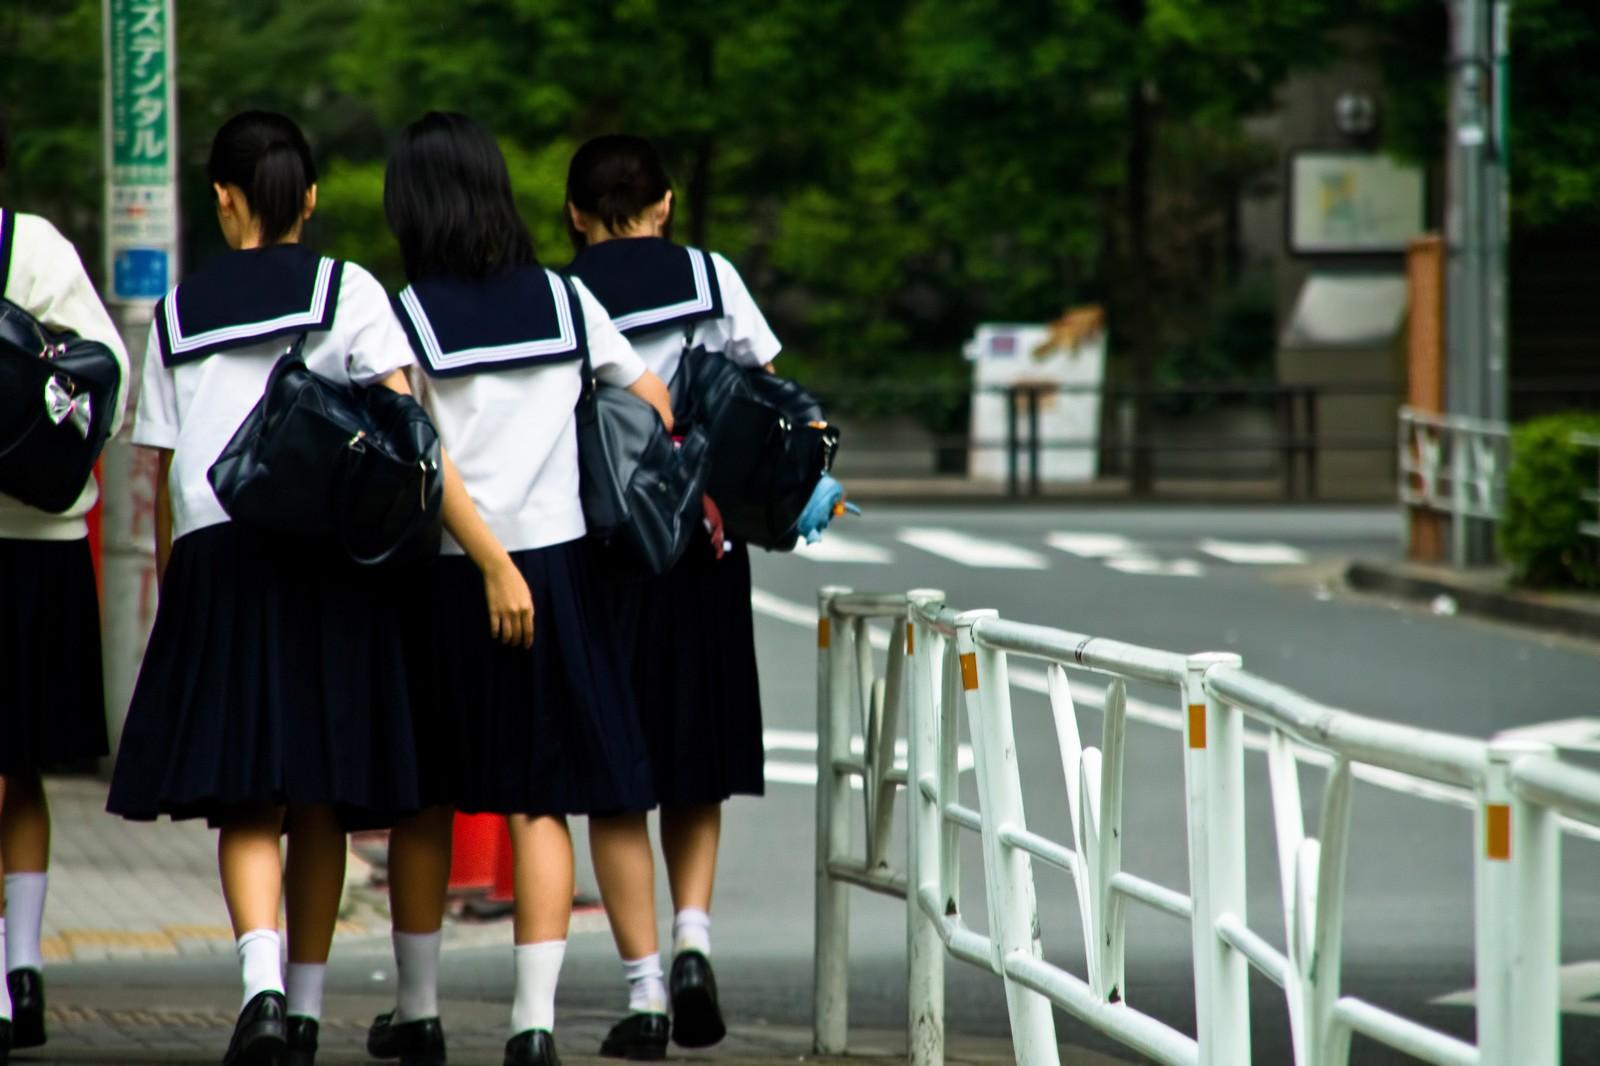 中学生のイメージ画像